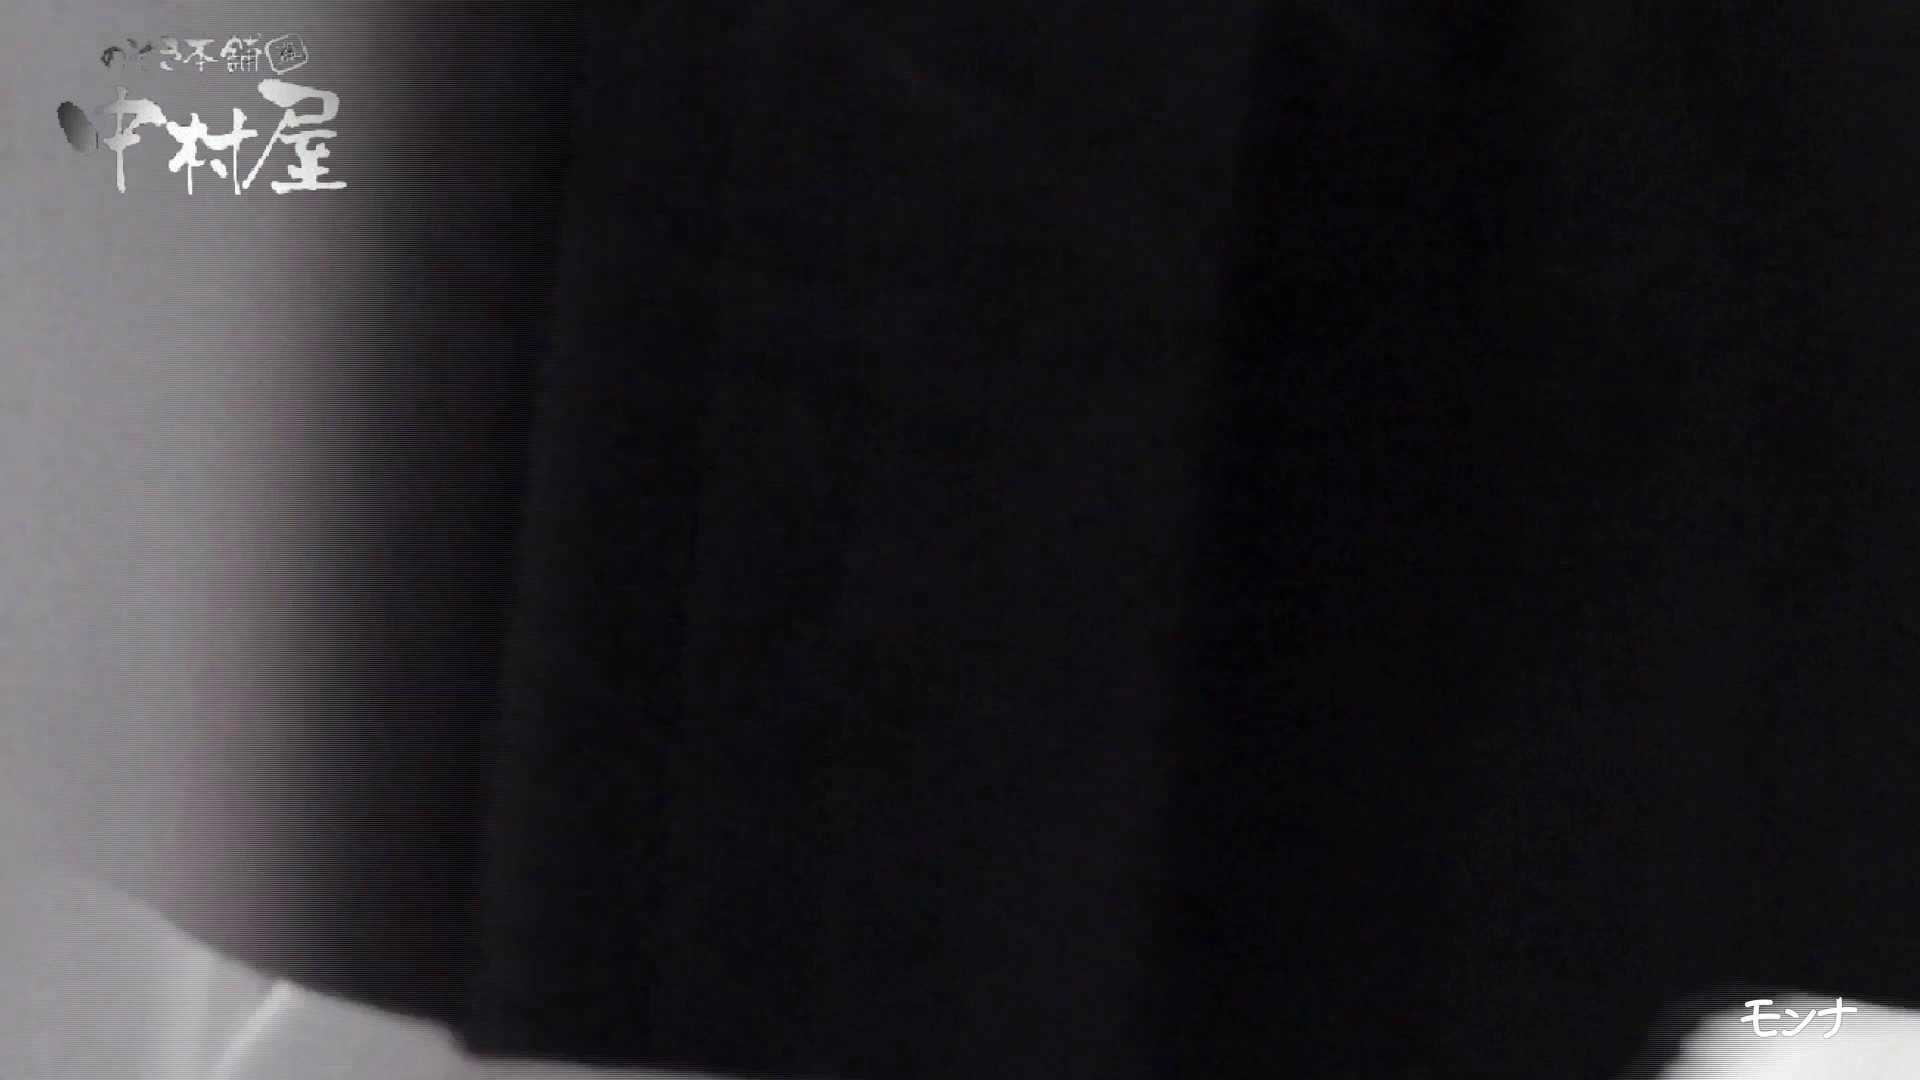 【美しい日本の未来】美しい日本の未来 No.38 久しぶり、復活しようかなあ?^^ by モンナ おまんこ特別編  83枚 45